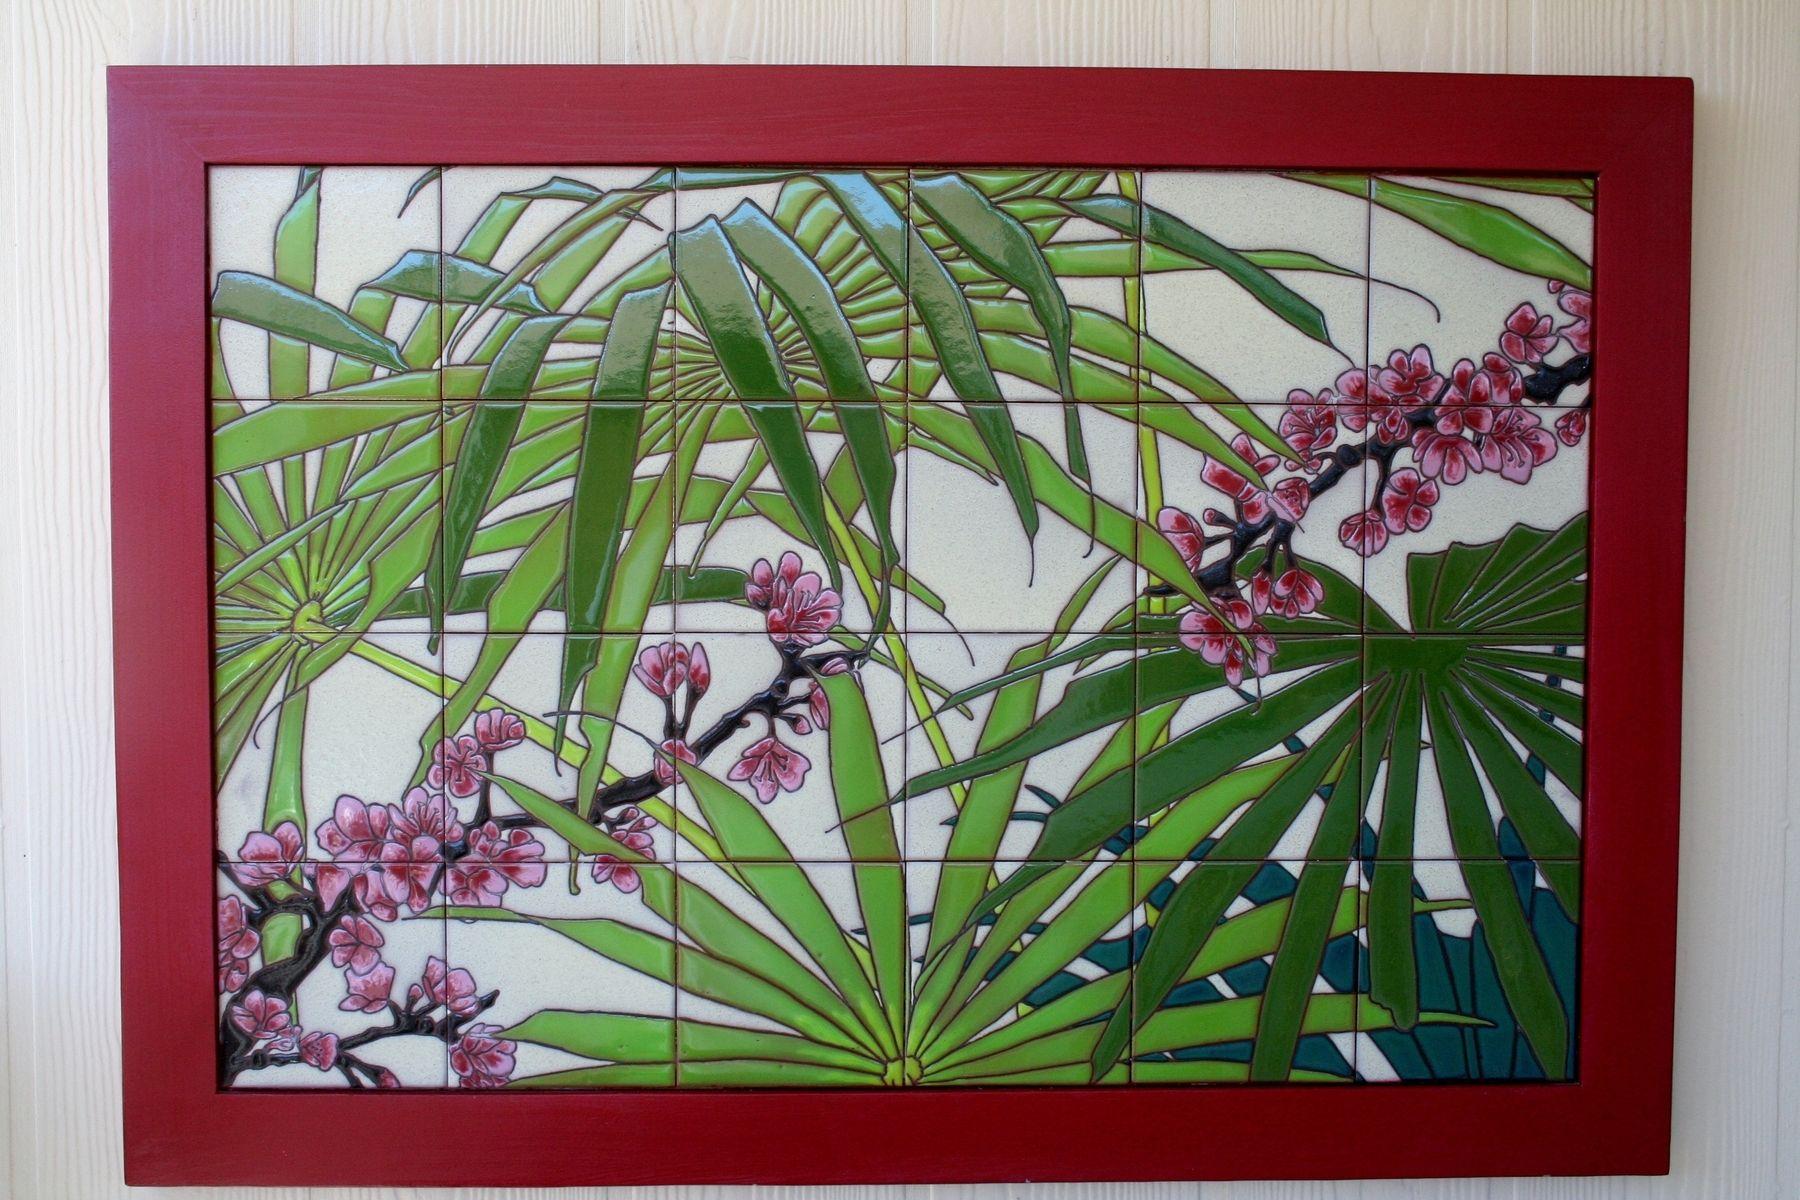 Framed tile backsplash